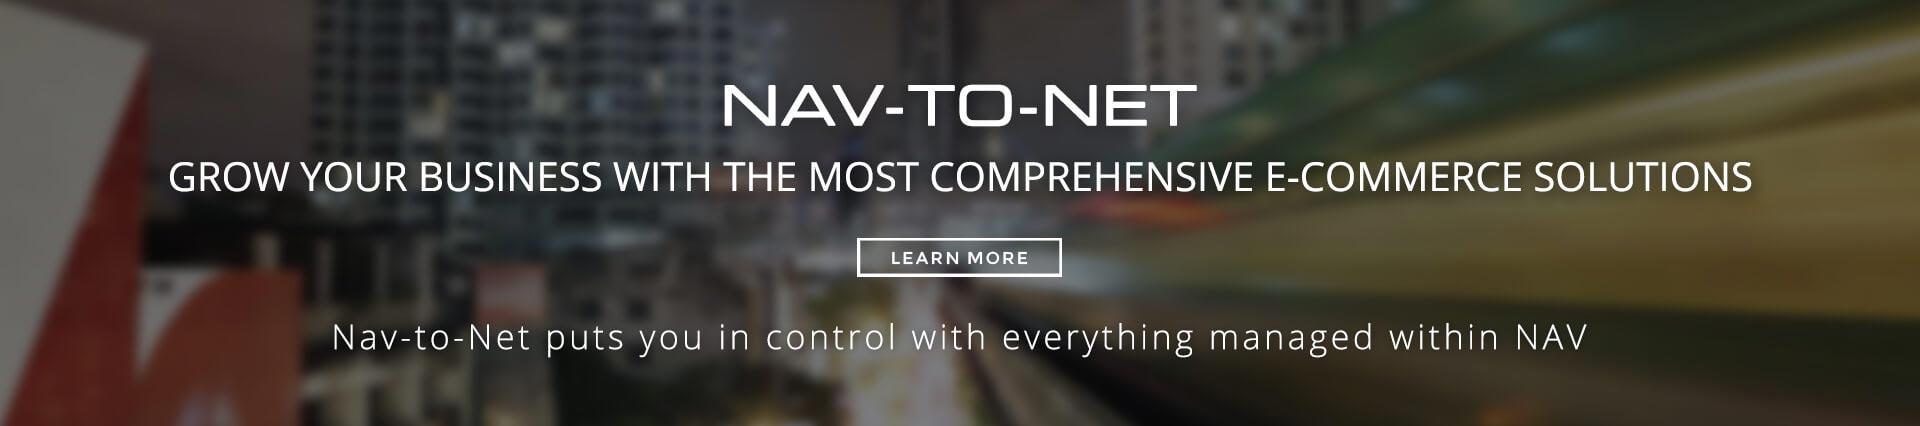 Nav-to-Net